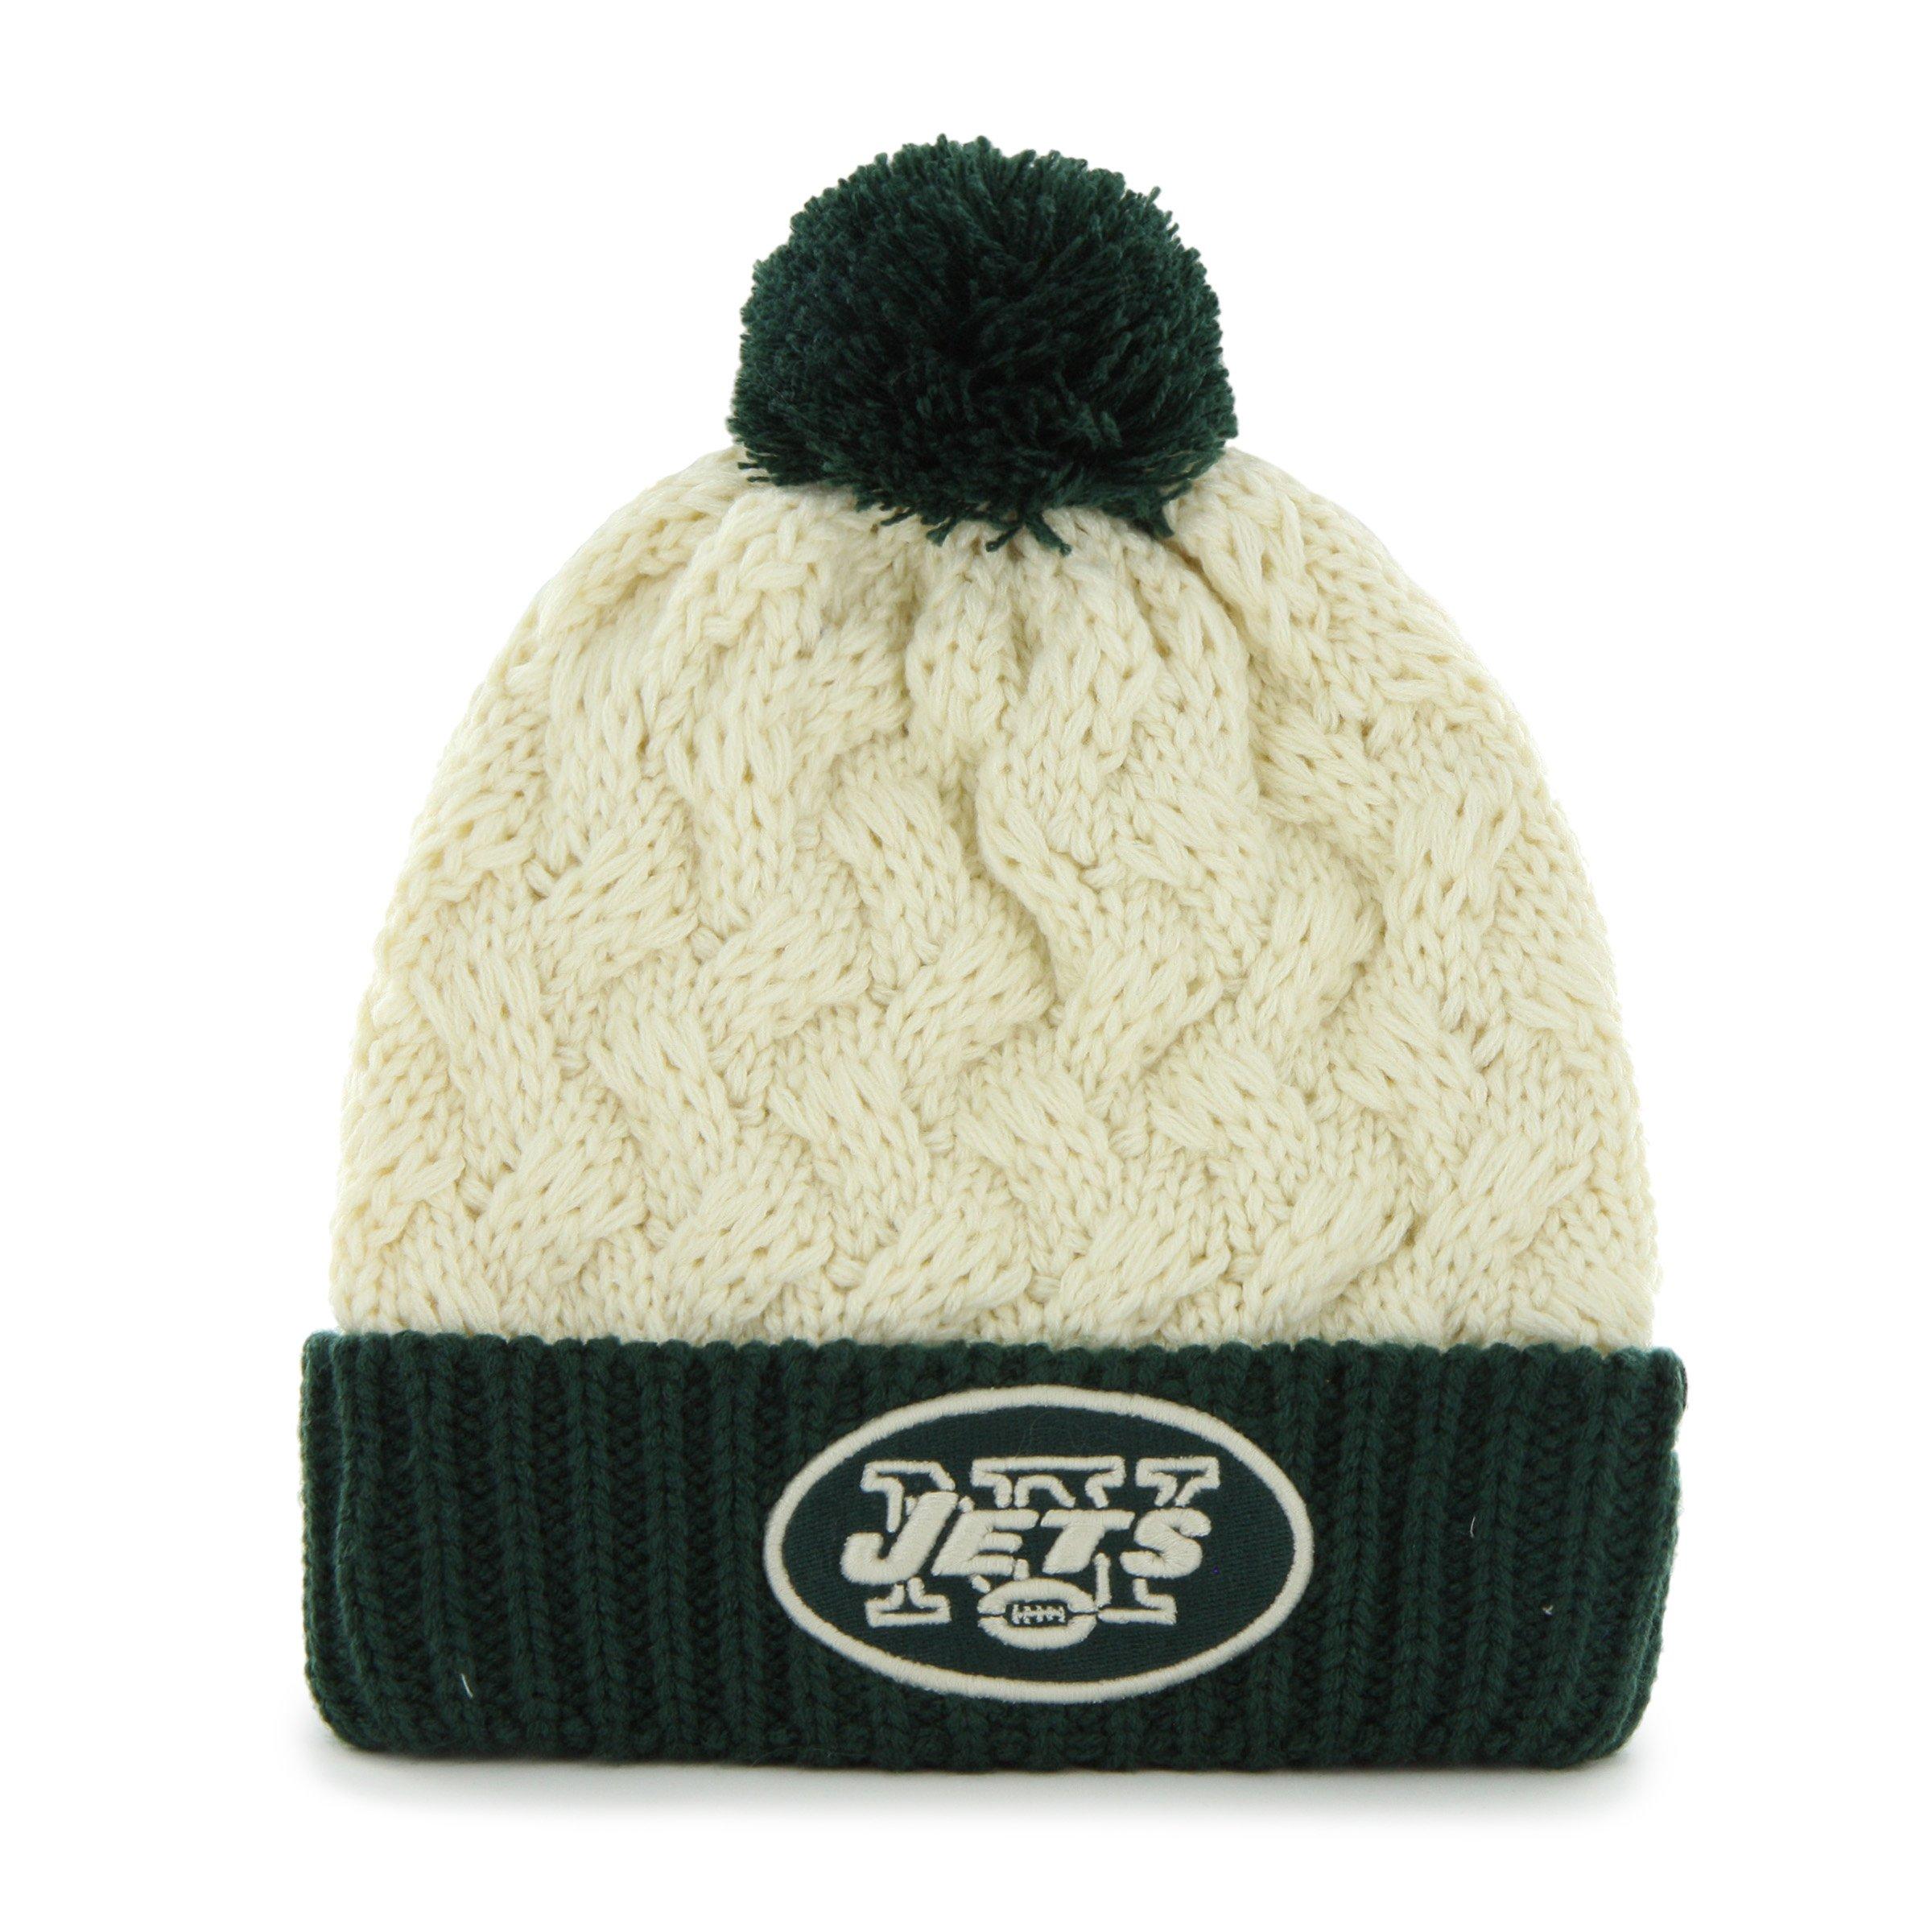 '47 NFL New York Jets Women's Matterhorn Cuff Knit Hat, One Size, Natural